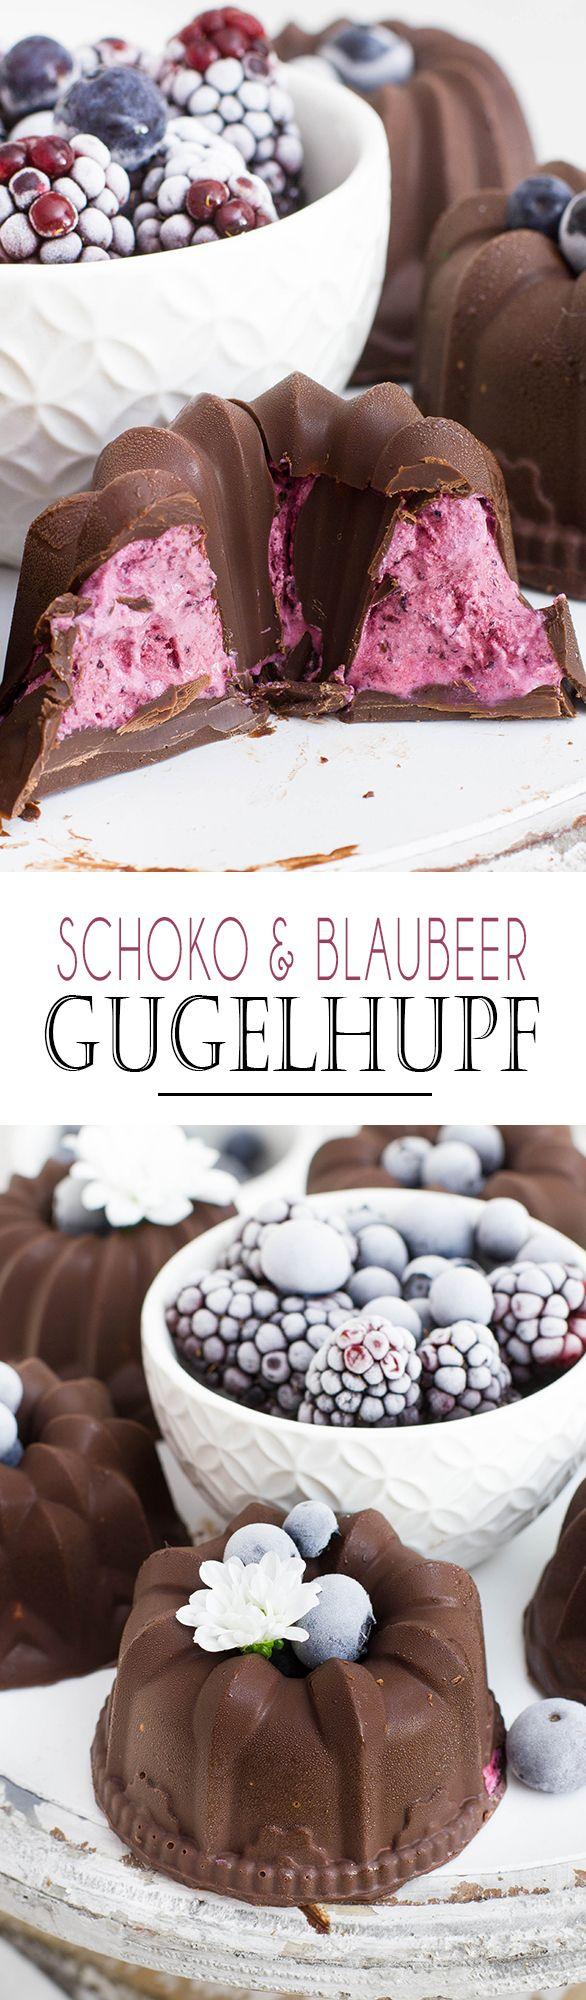 Frozen Chocolate Blueberry Cheesecakes | Kleine Schokoladen Blaubeer Gugelhupfe mit halbgefrorener Cheesecake Füllung